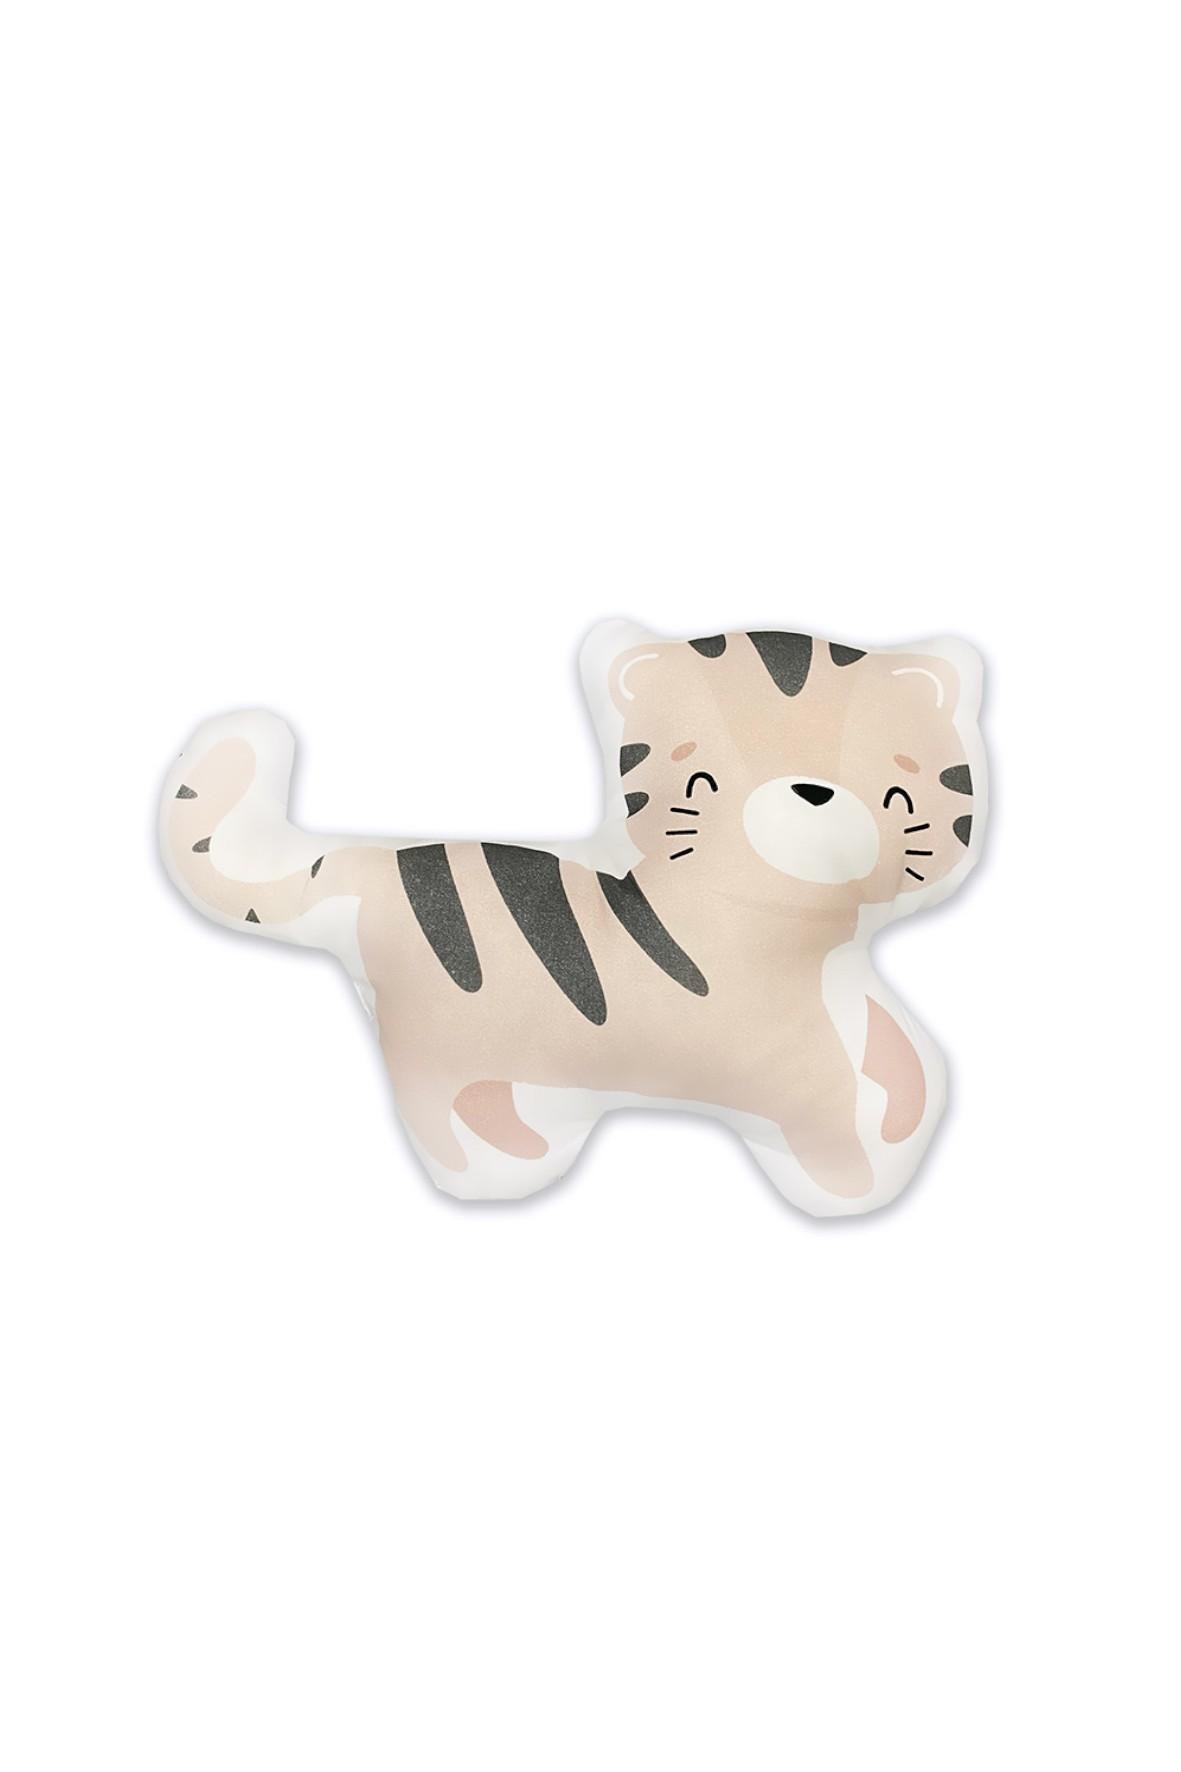 Bawełniana poduszka niemowlęca Tygrys z Safari 32x25 cm